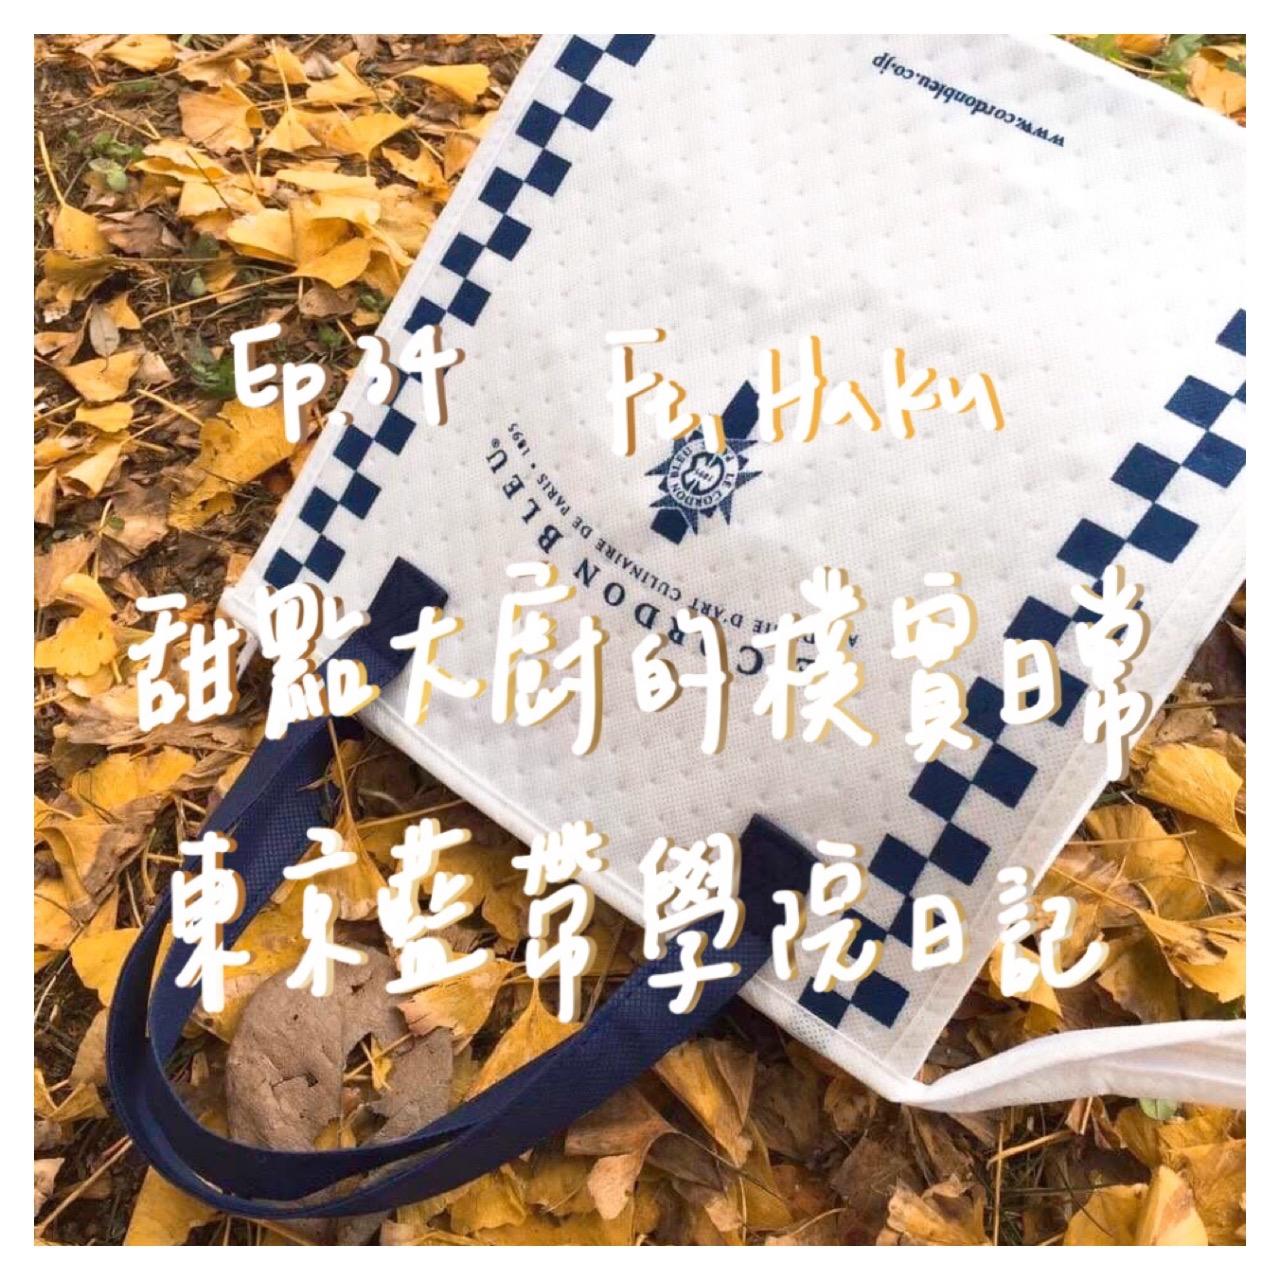 甜點大廚的樸實日常,東京藍帶學院日記!(第34劑)